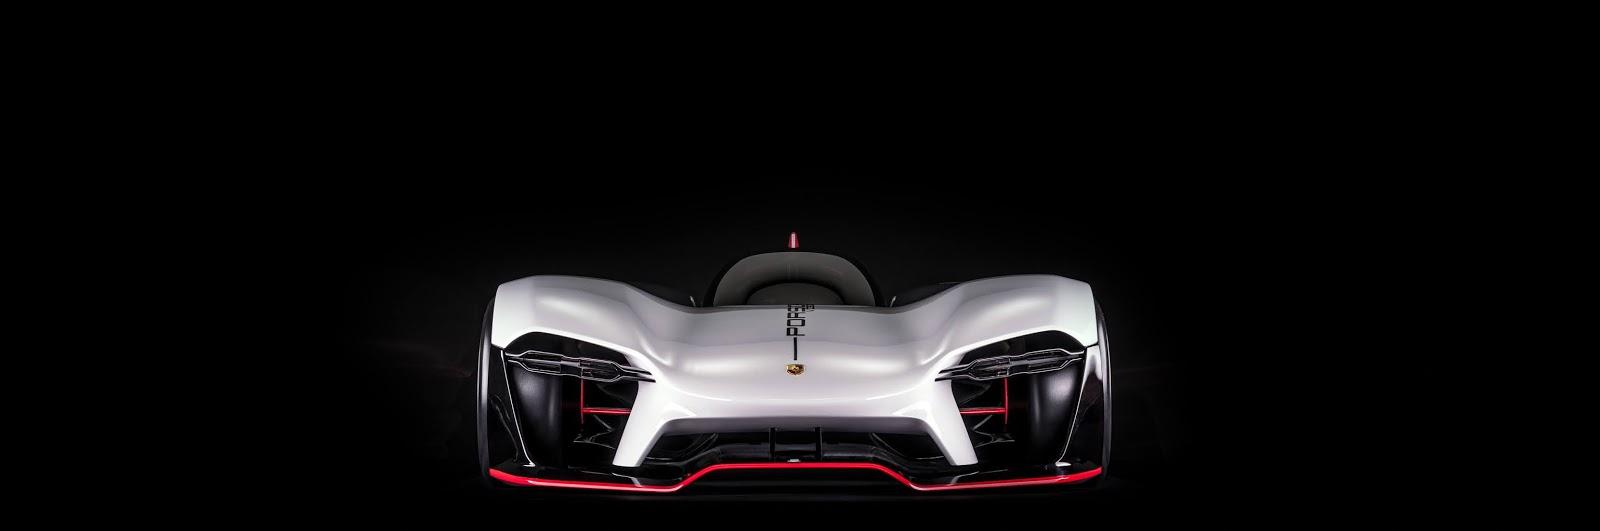 Capture0040 Τα άγνωστα Hypercars της Porsche hypercar, Porsche, Porsche Unseen, Sunday, supercar, supercars, zblog, ειδήσεις